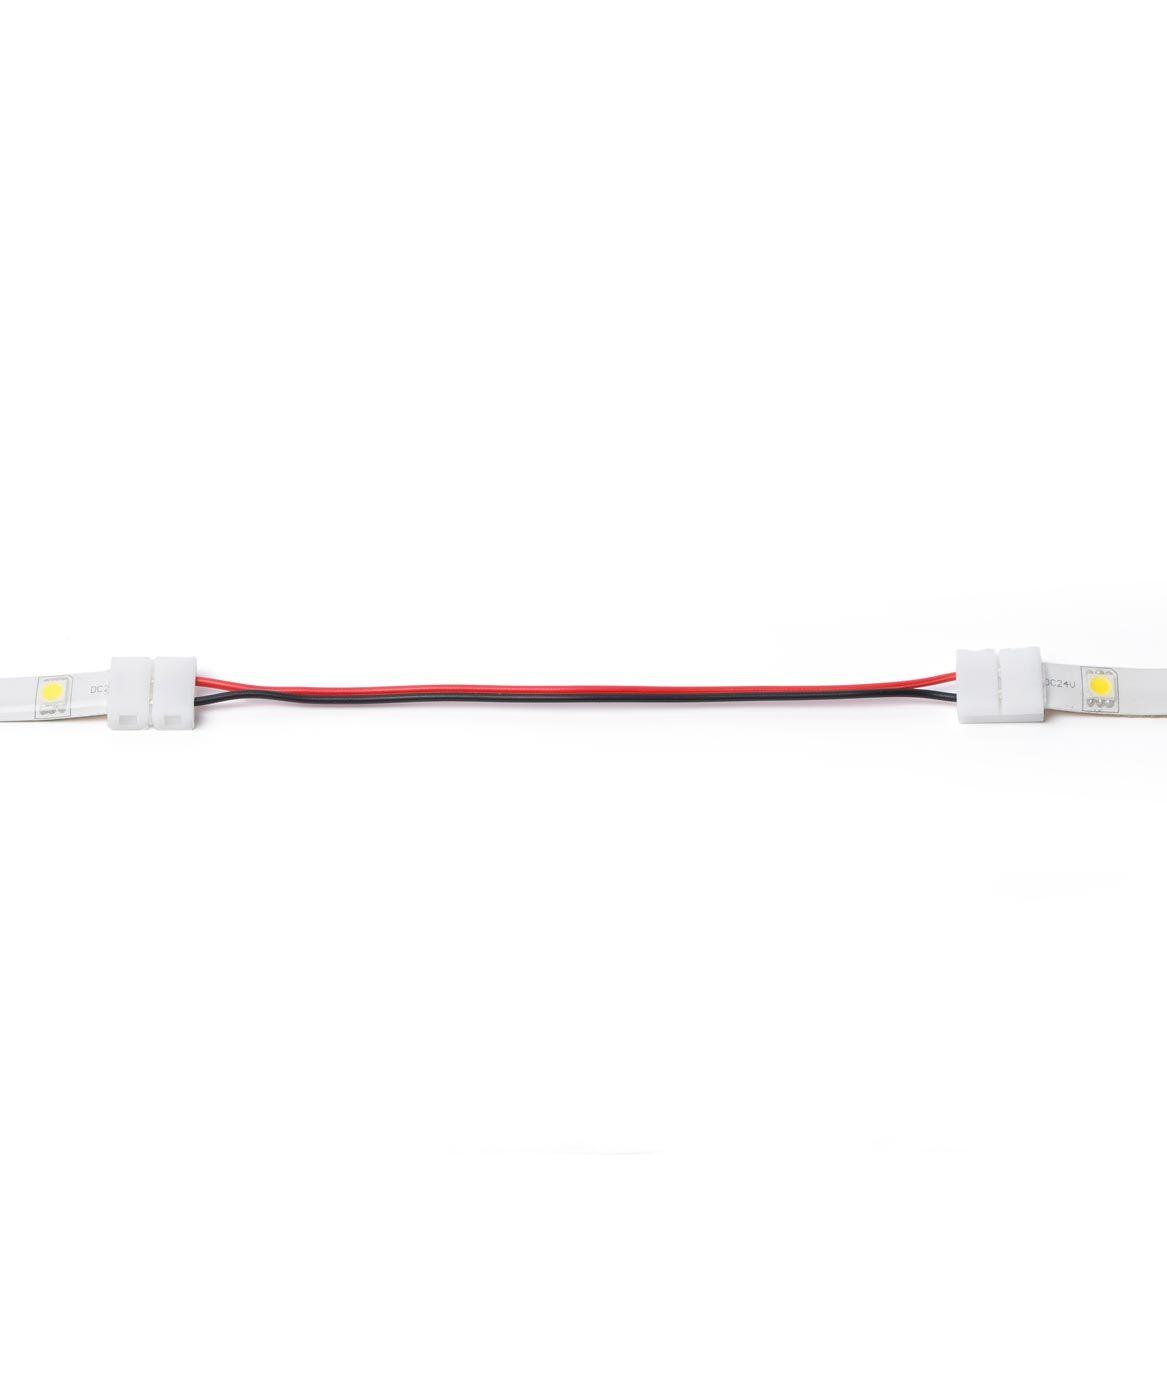 Conector con cable RGB para tiras LED